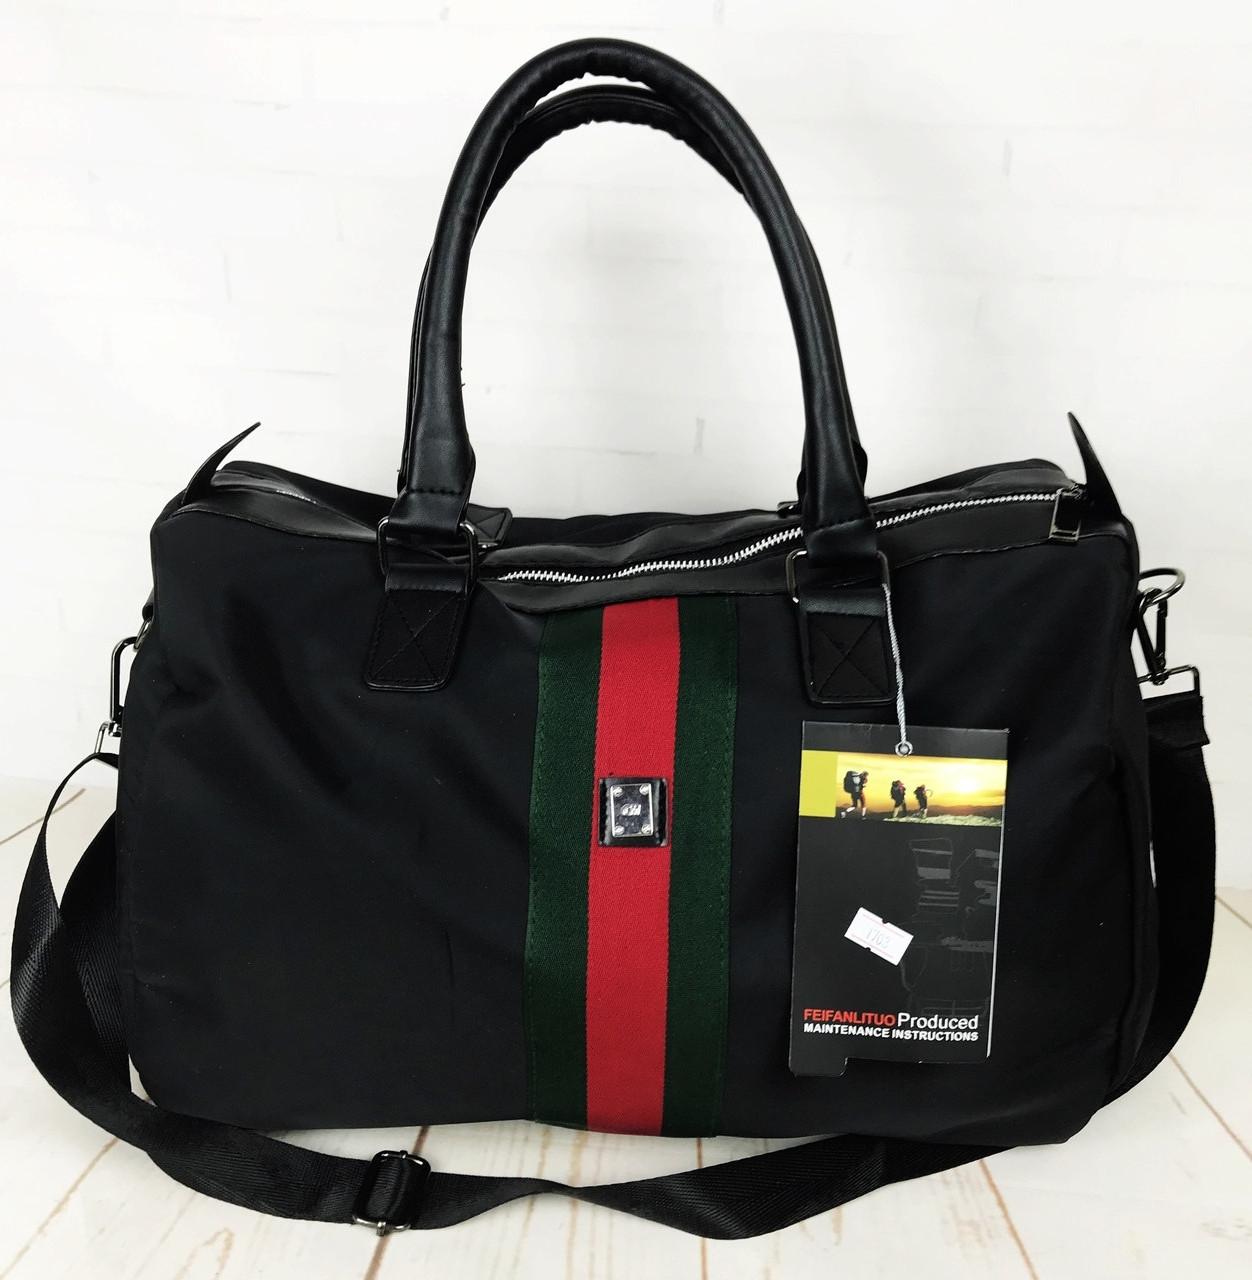 Городская сумка. Дорожная сумка. Сумка для поездок, путешествий